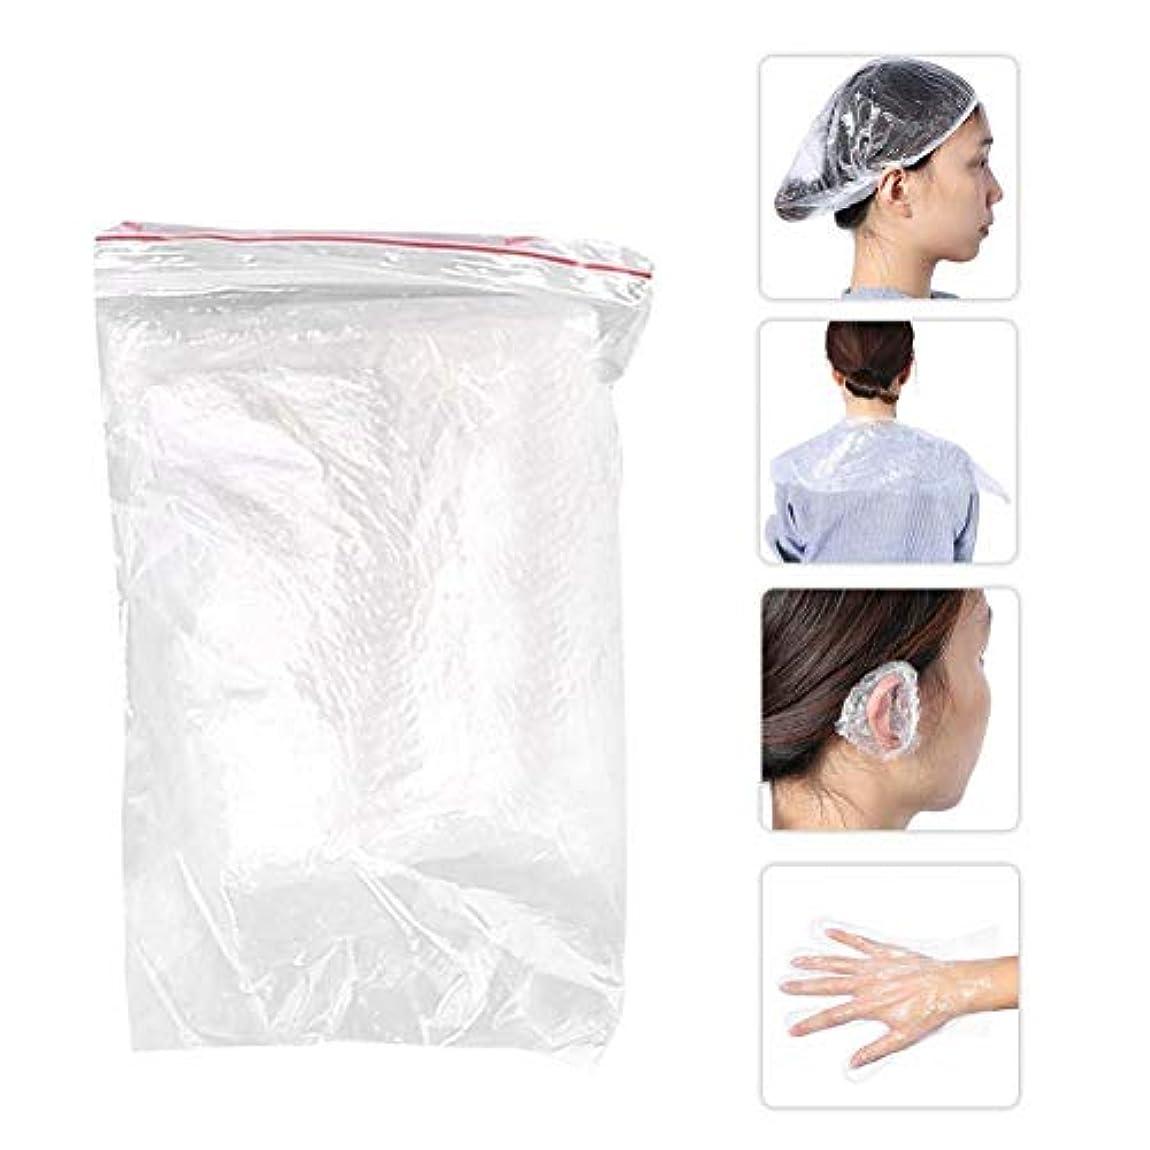 美容用品毛染めツール ショールイヤーマフ手袋シャワーキャップ10セット使い捨てサロン シャワーキャップ耳カバー手袋